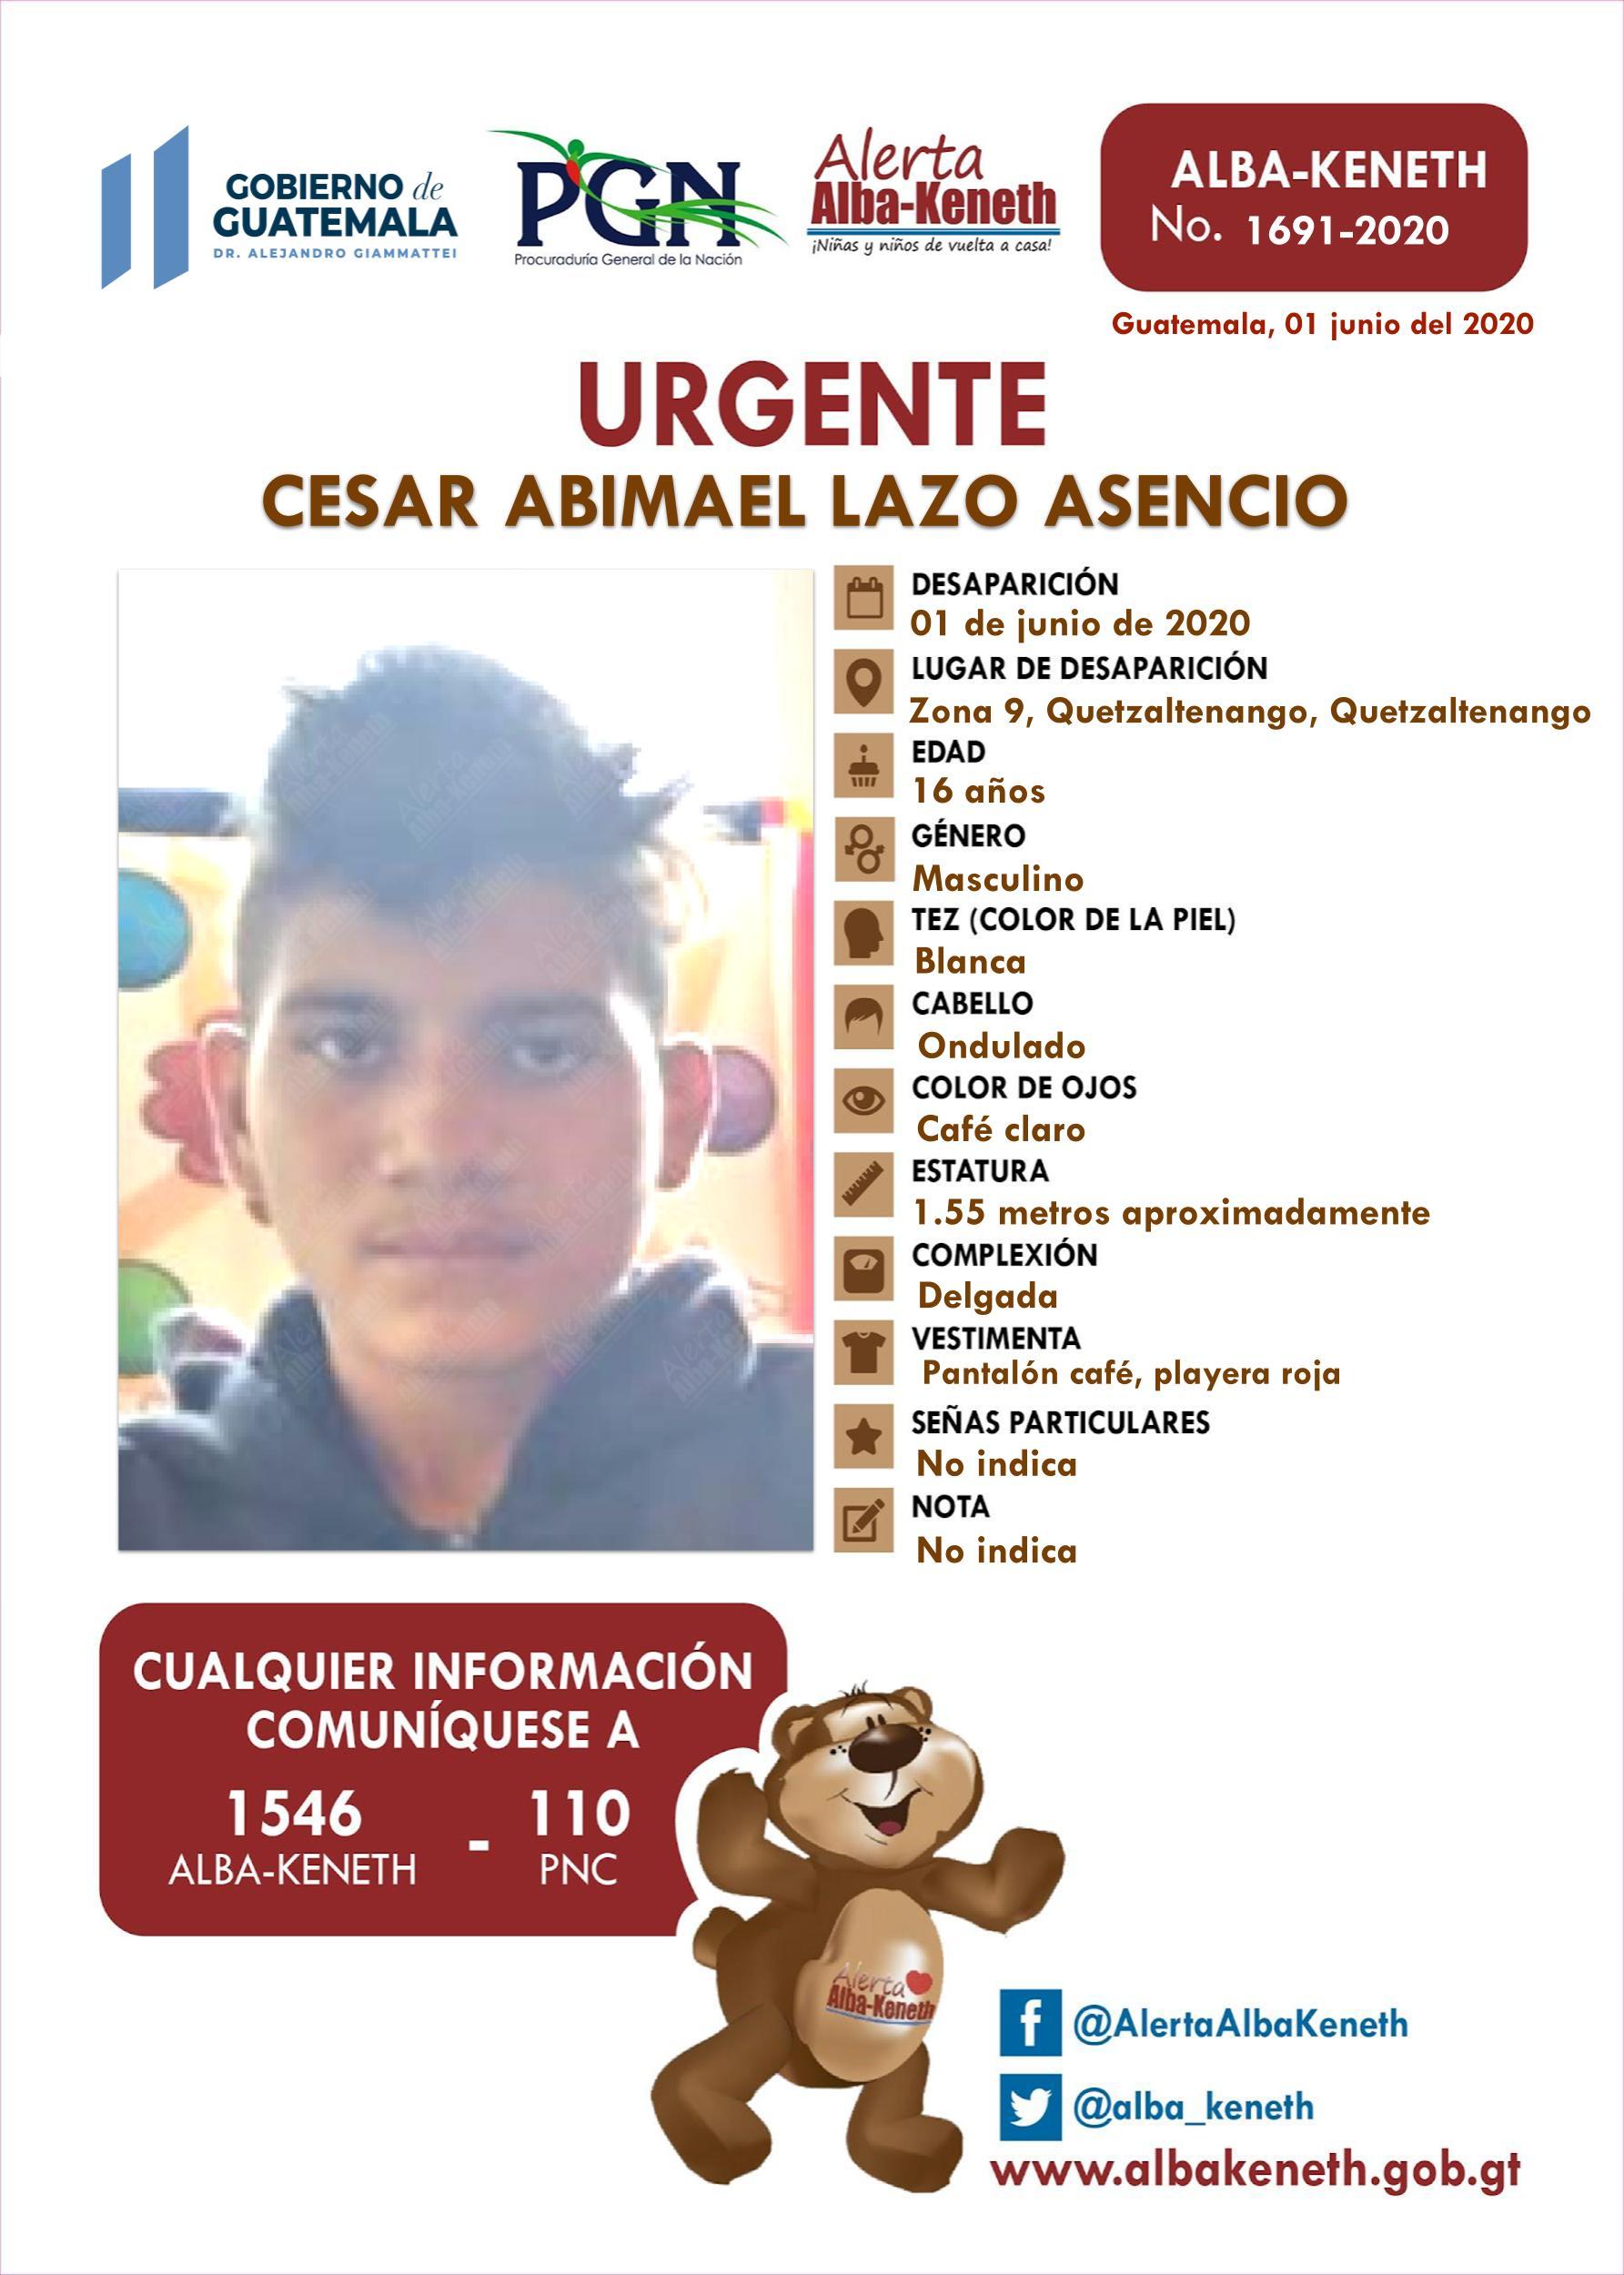 Cesar Abimael Lazo Asencio